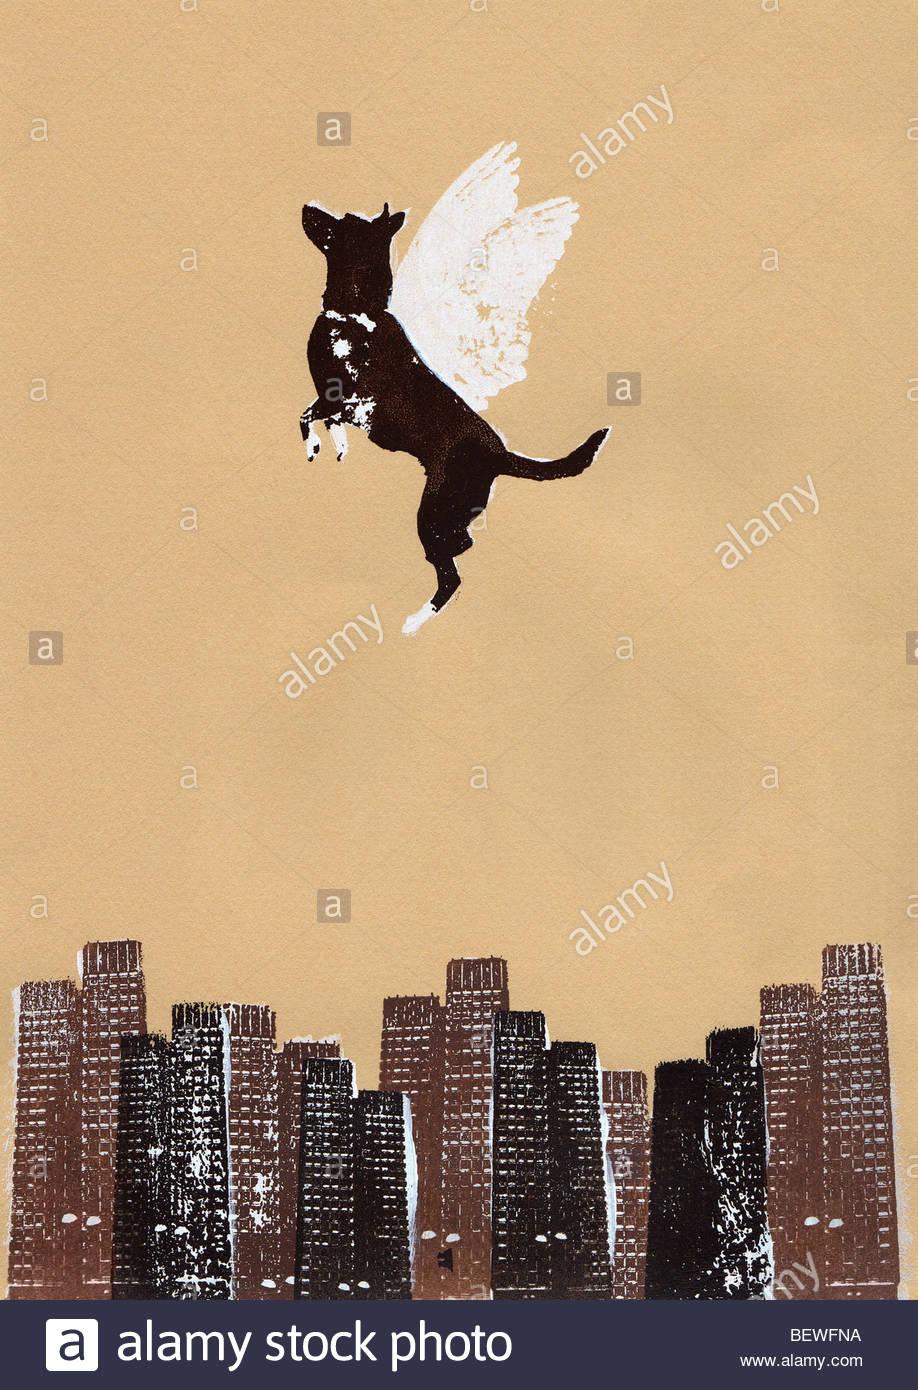 Geflügelte Hund fliegen über die Stadt Stockbild